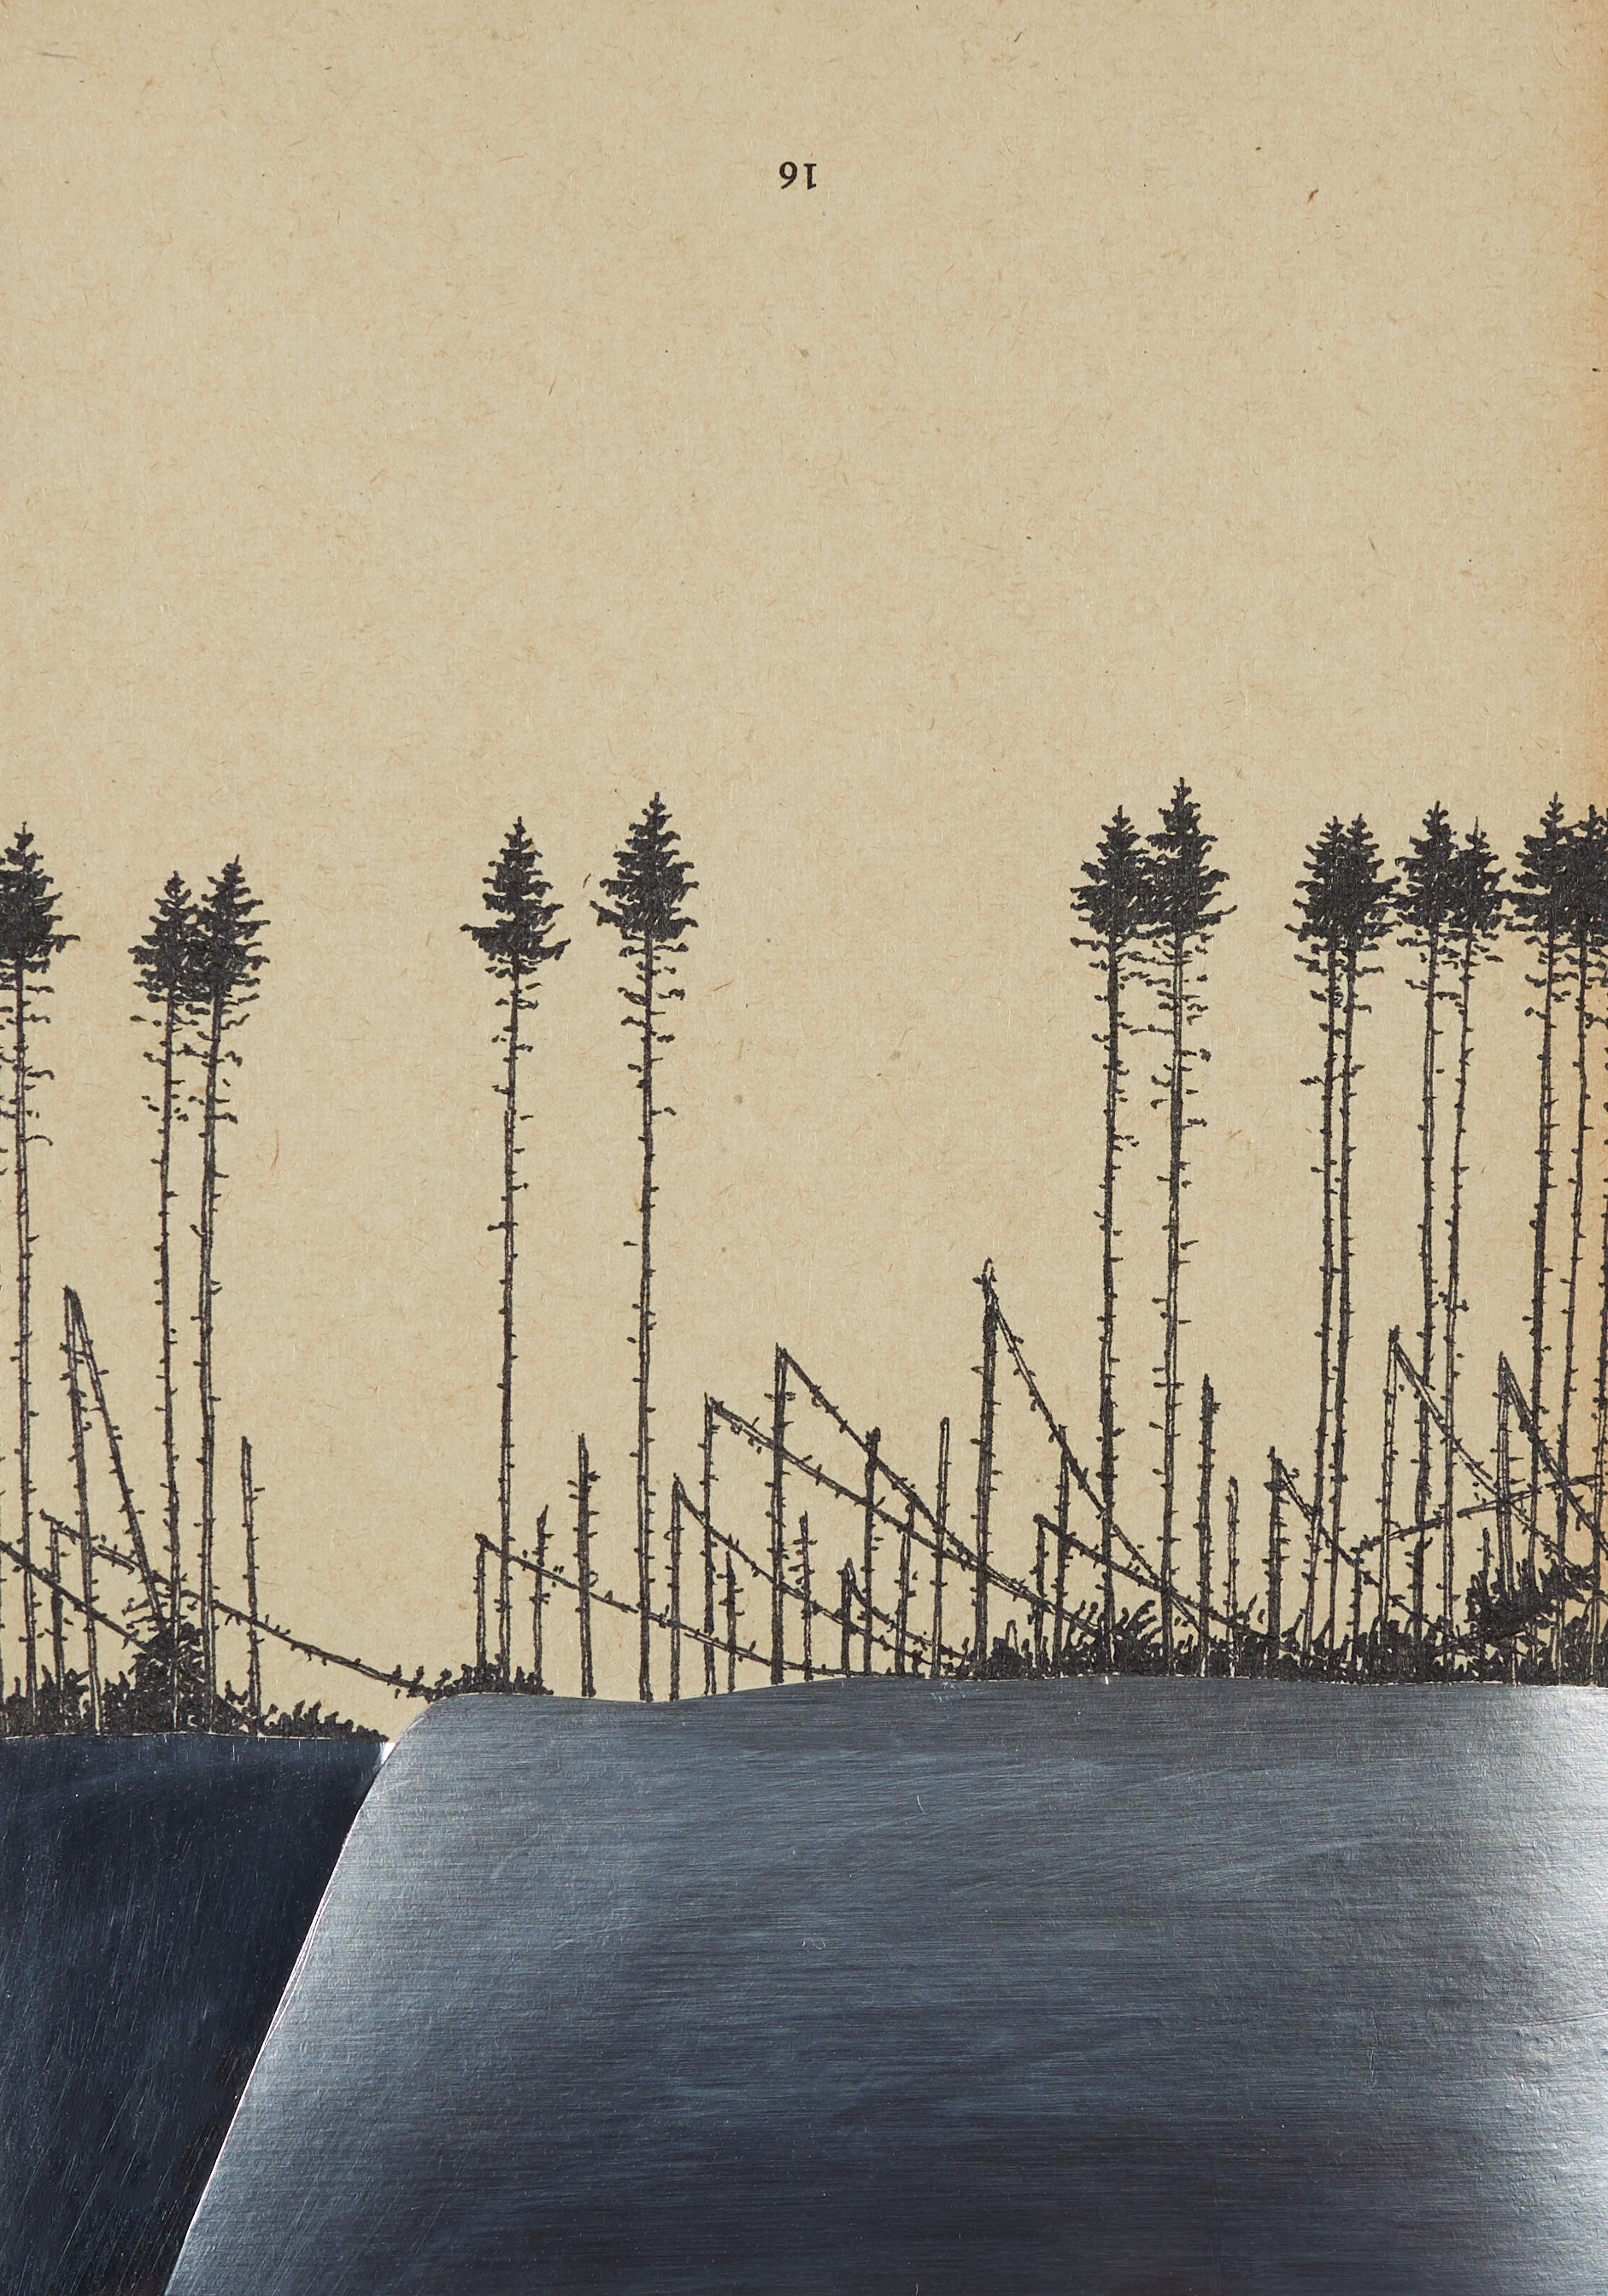 MICHAEL MERKEL, o.T. (Serie:  Im Cynwald ), 2017, Folie, Fineliner und Tusche auf Buchseite, 20 x 14 cm